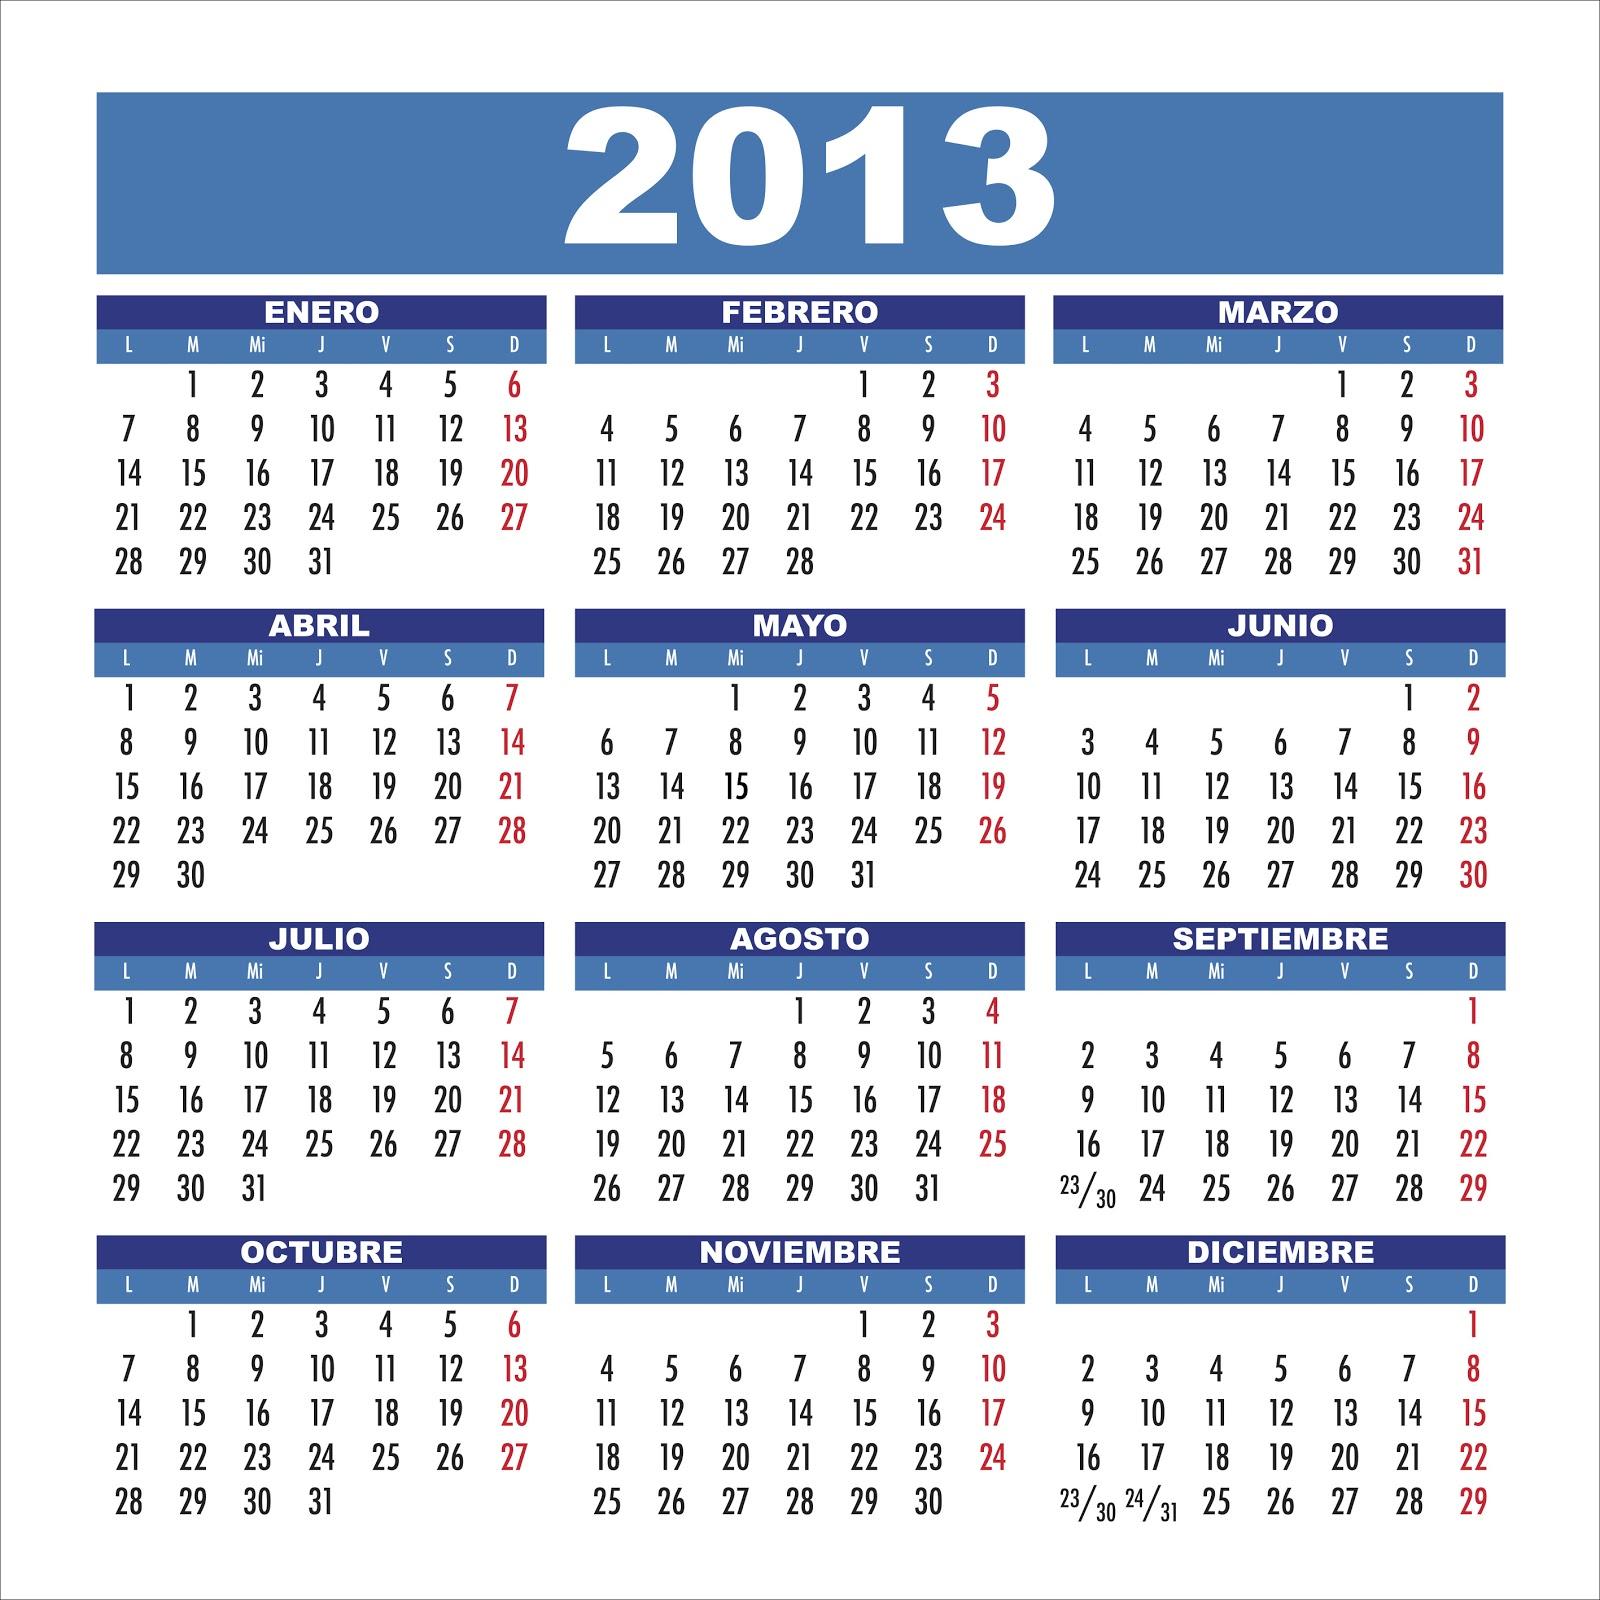 Calendario 2013 Imágenes